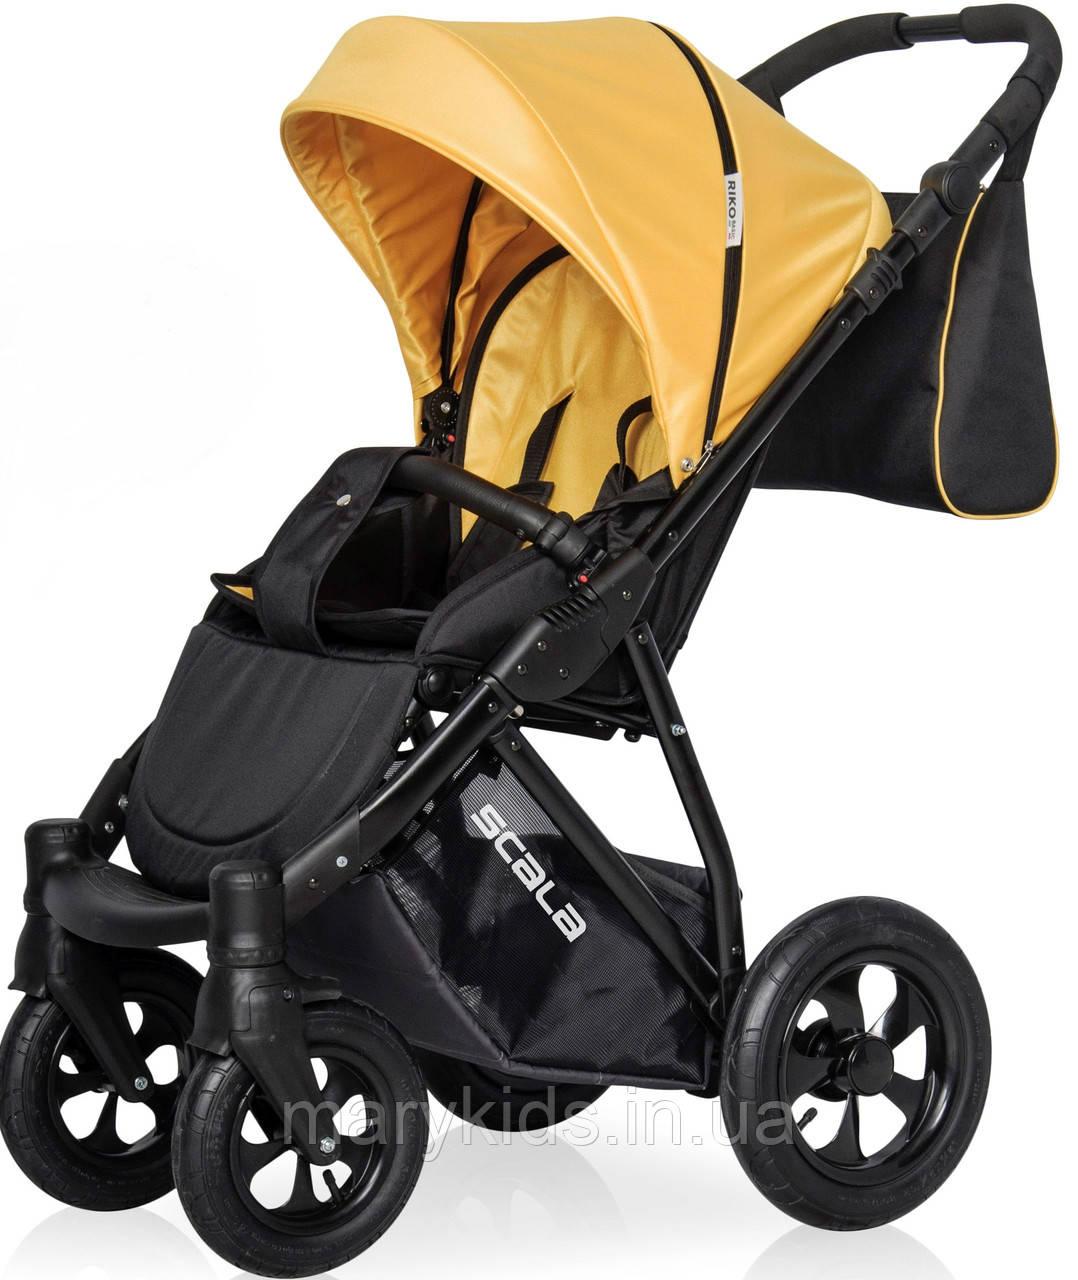 Детская униеврсальная прогулочная коляска Riko Scala 04